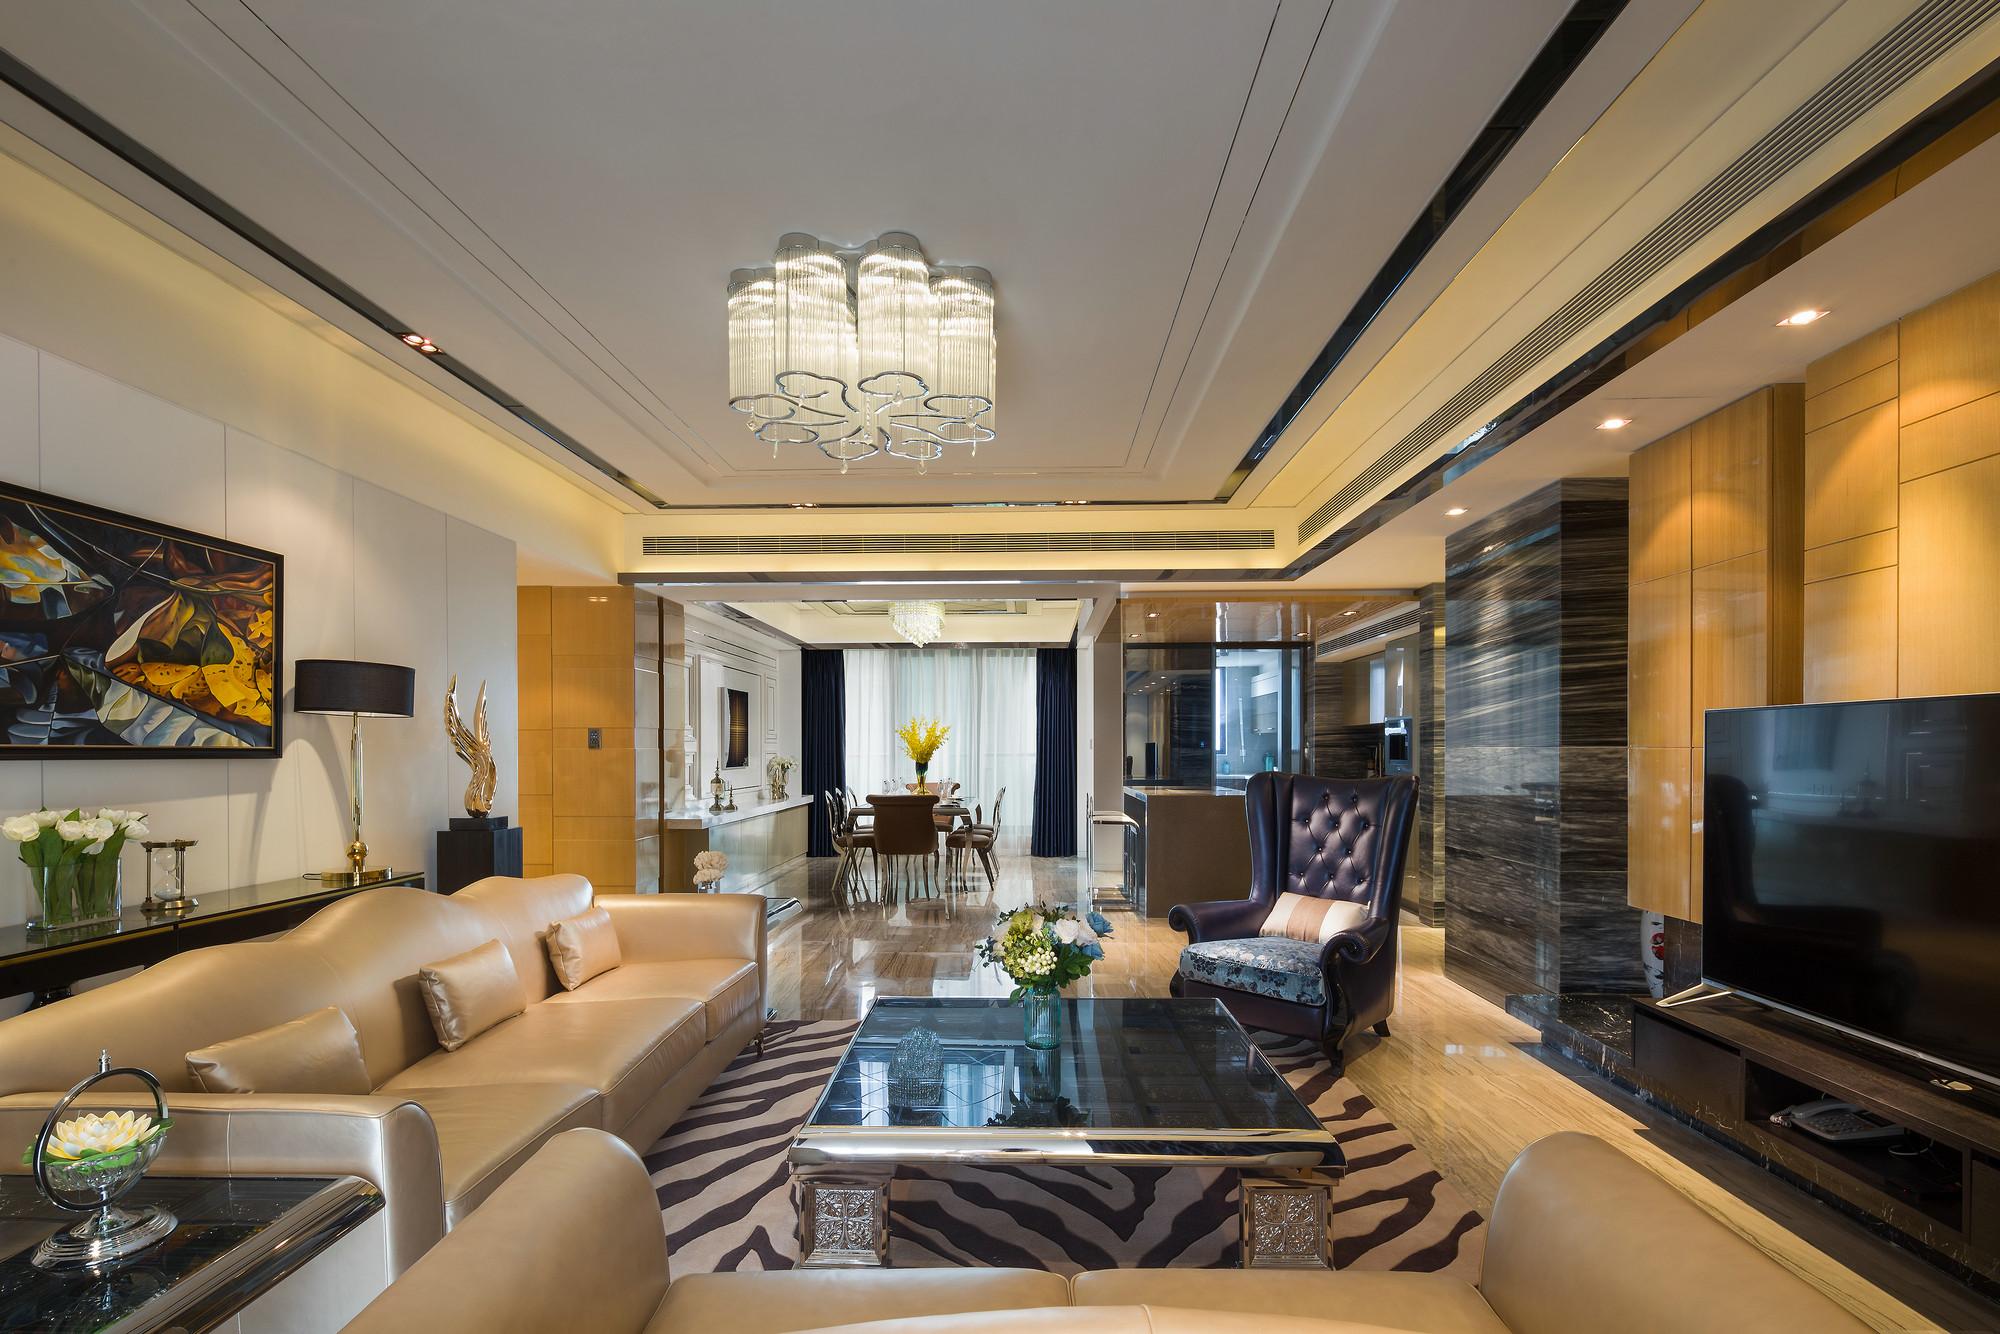 简约 旧房改造 小资 收纳 客厅图片来自北京今朝装饰在简约风的分享